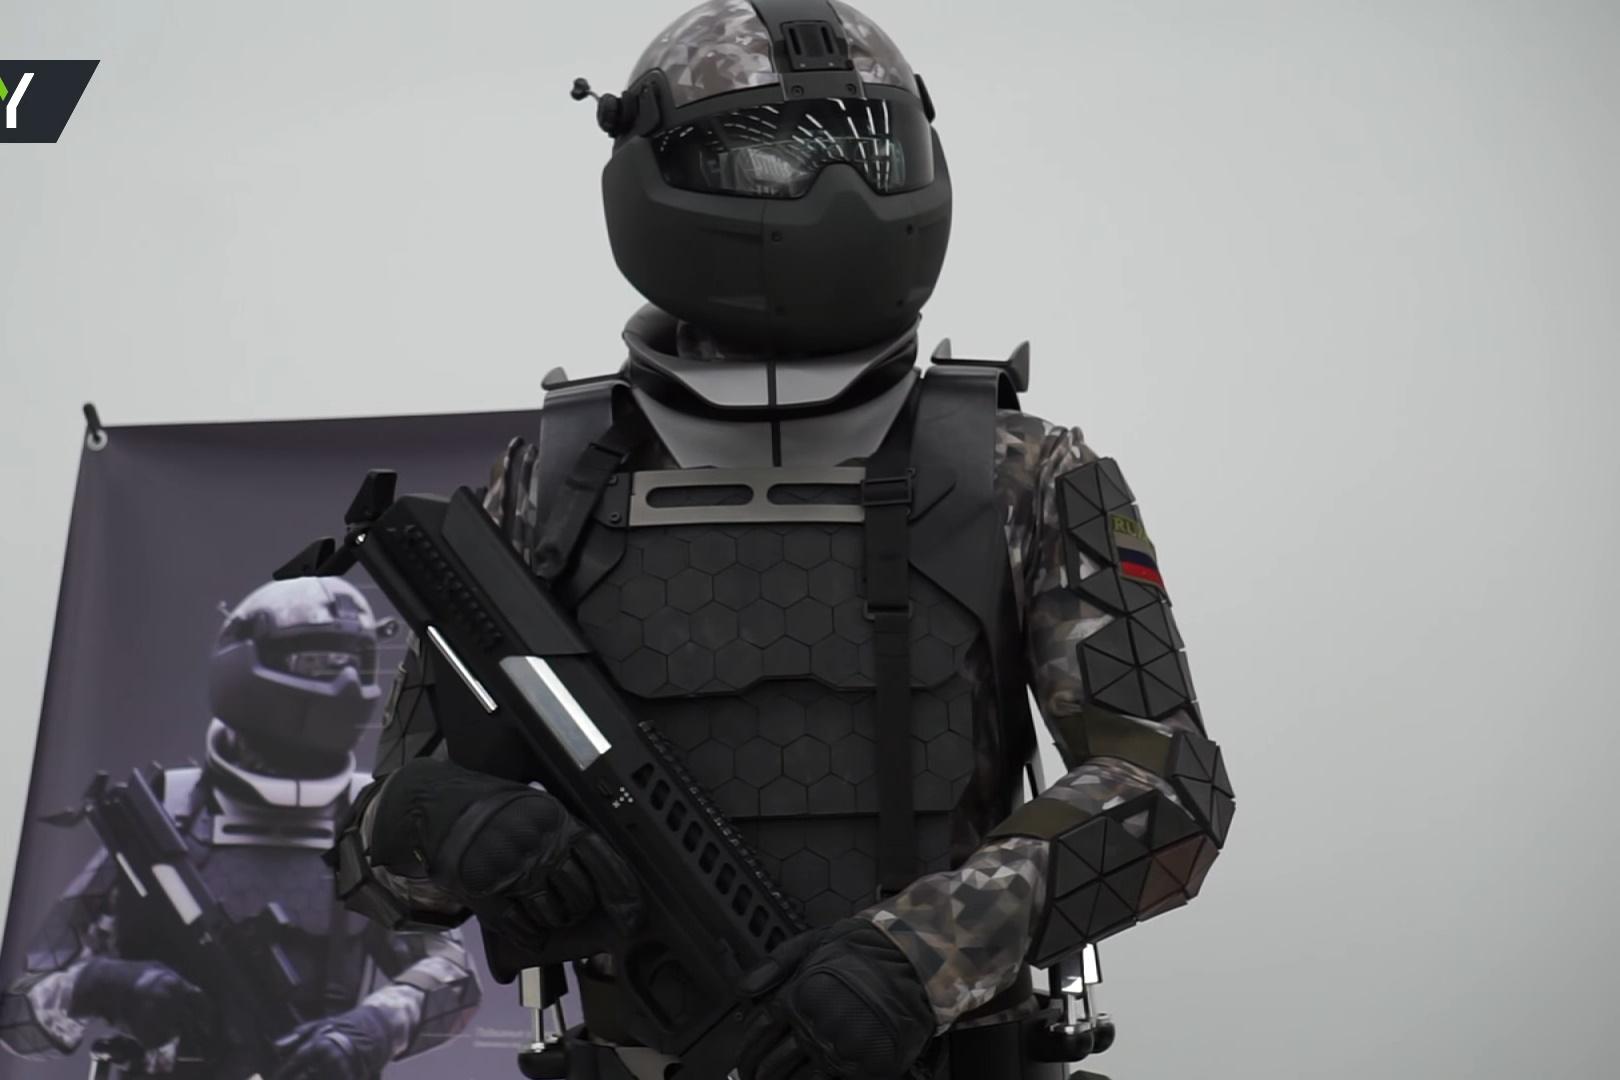 Imagem de Novo exoesqueleto russo transforma militares em soldados do futuro no tecmundo